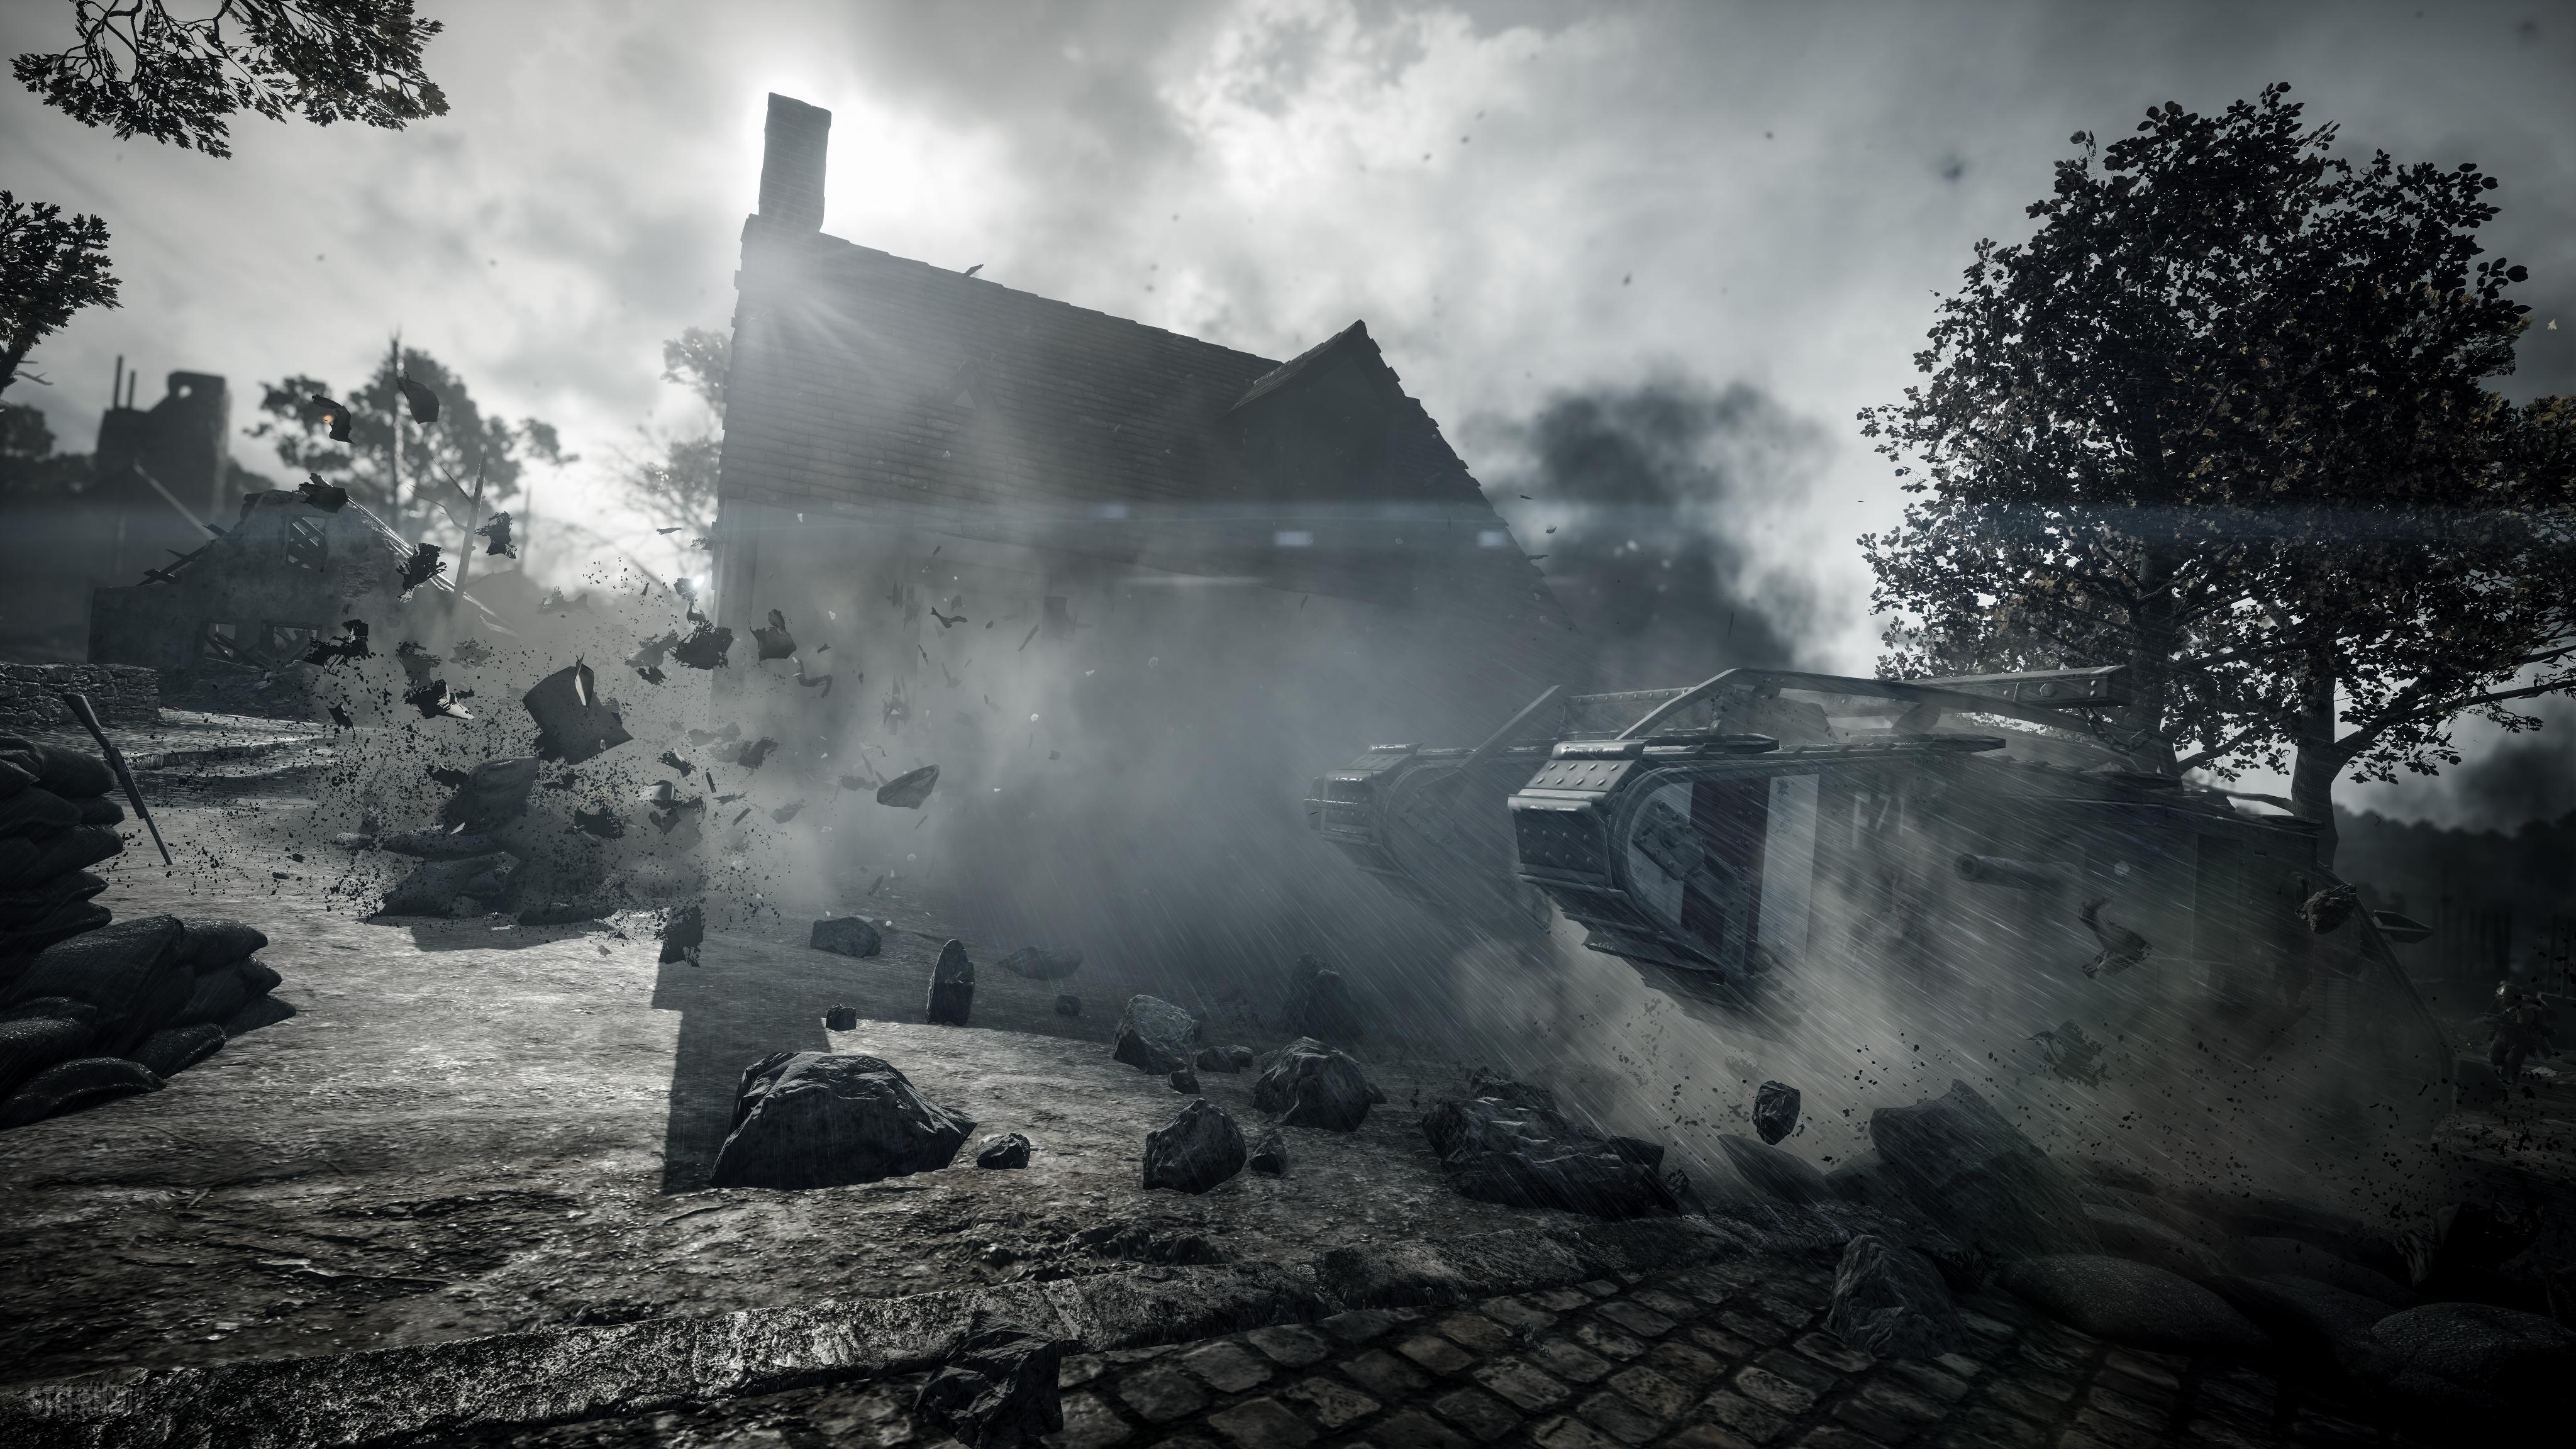 Battlefield 4 Full Hd Fond D écran And Arrière Plan: Battlefield 1 / Through The Debris 4k Ultra Fond D'écran